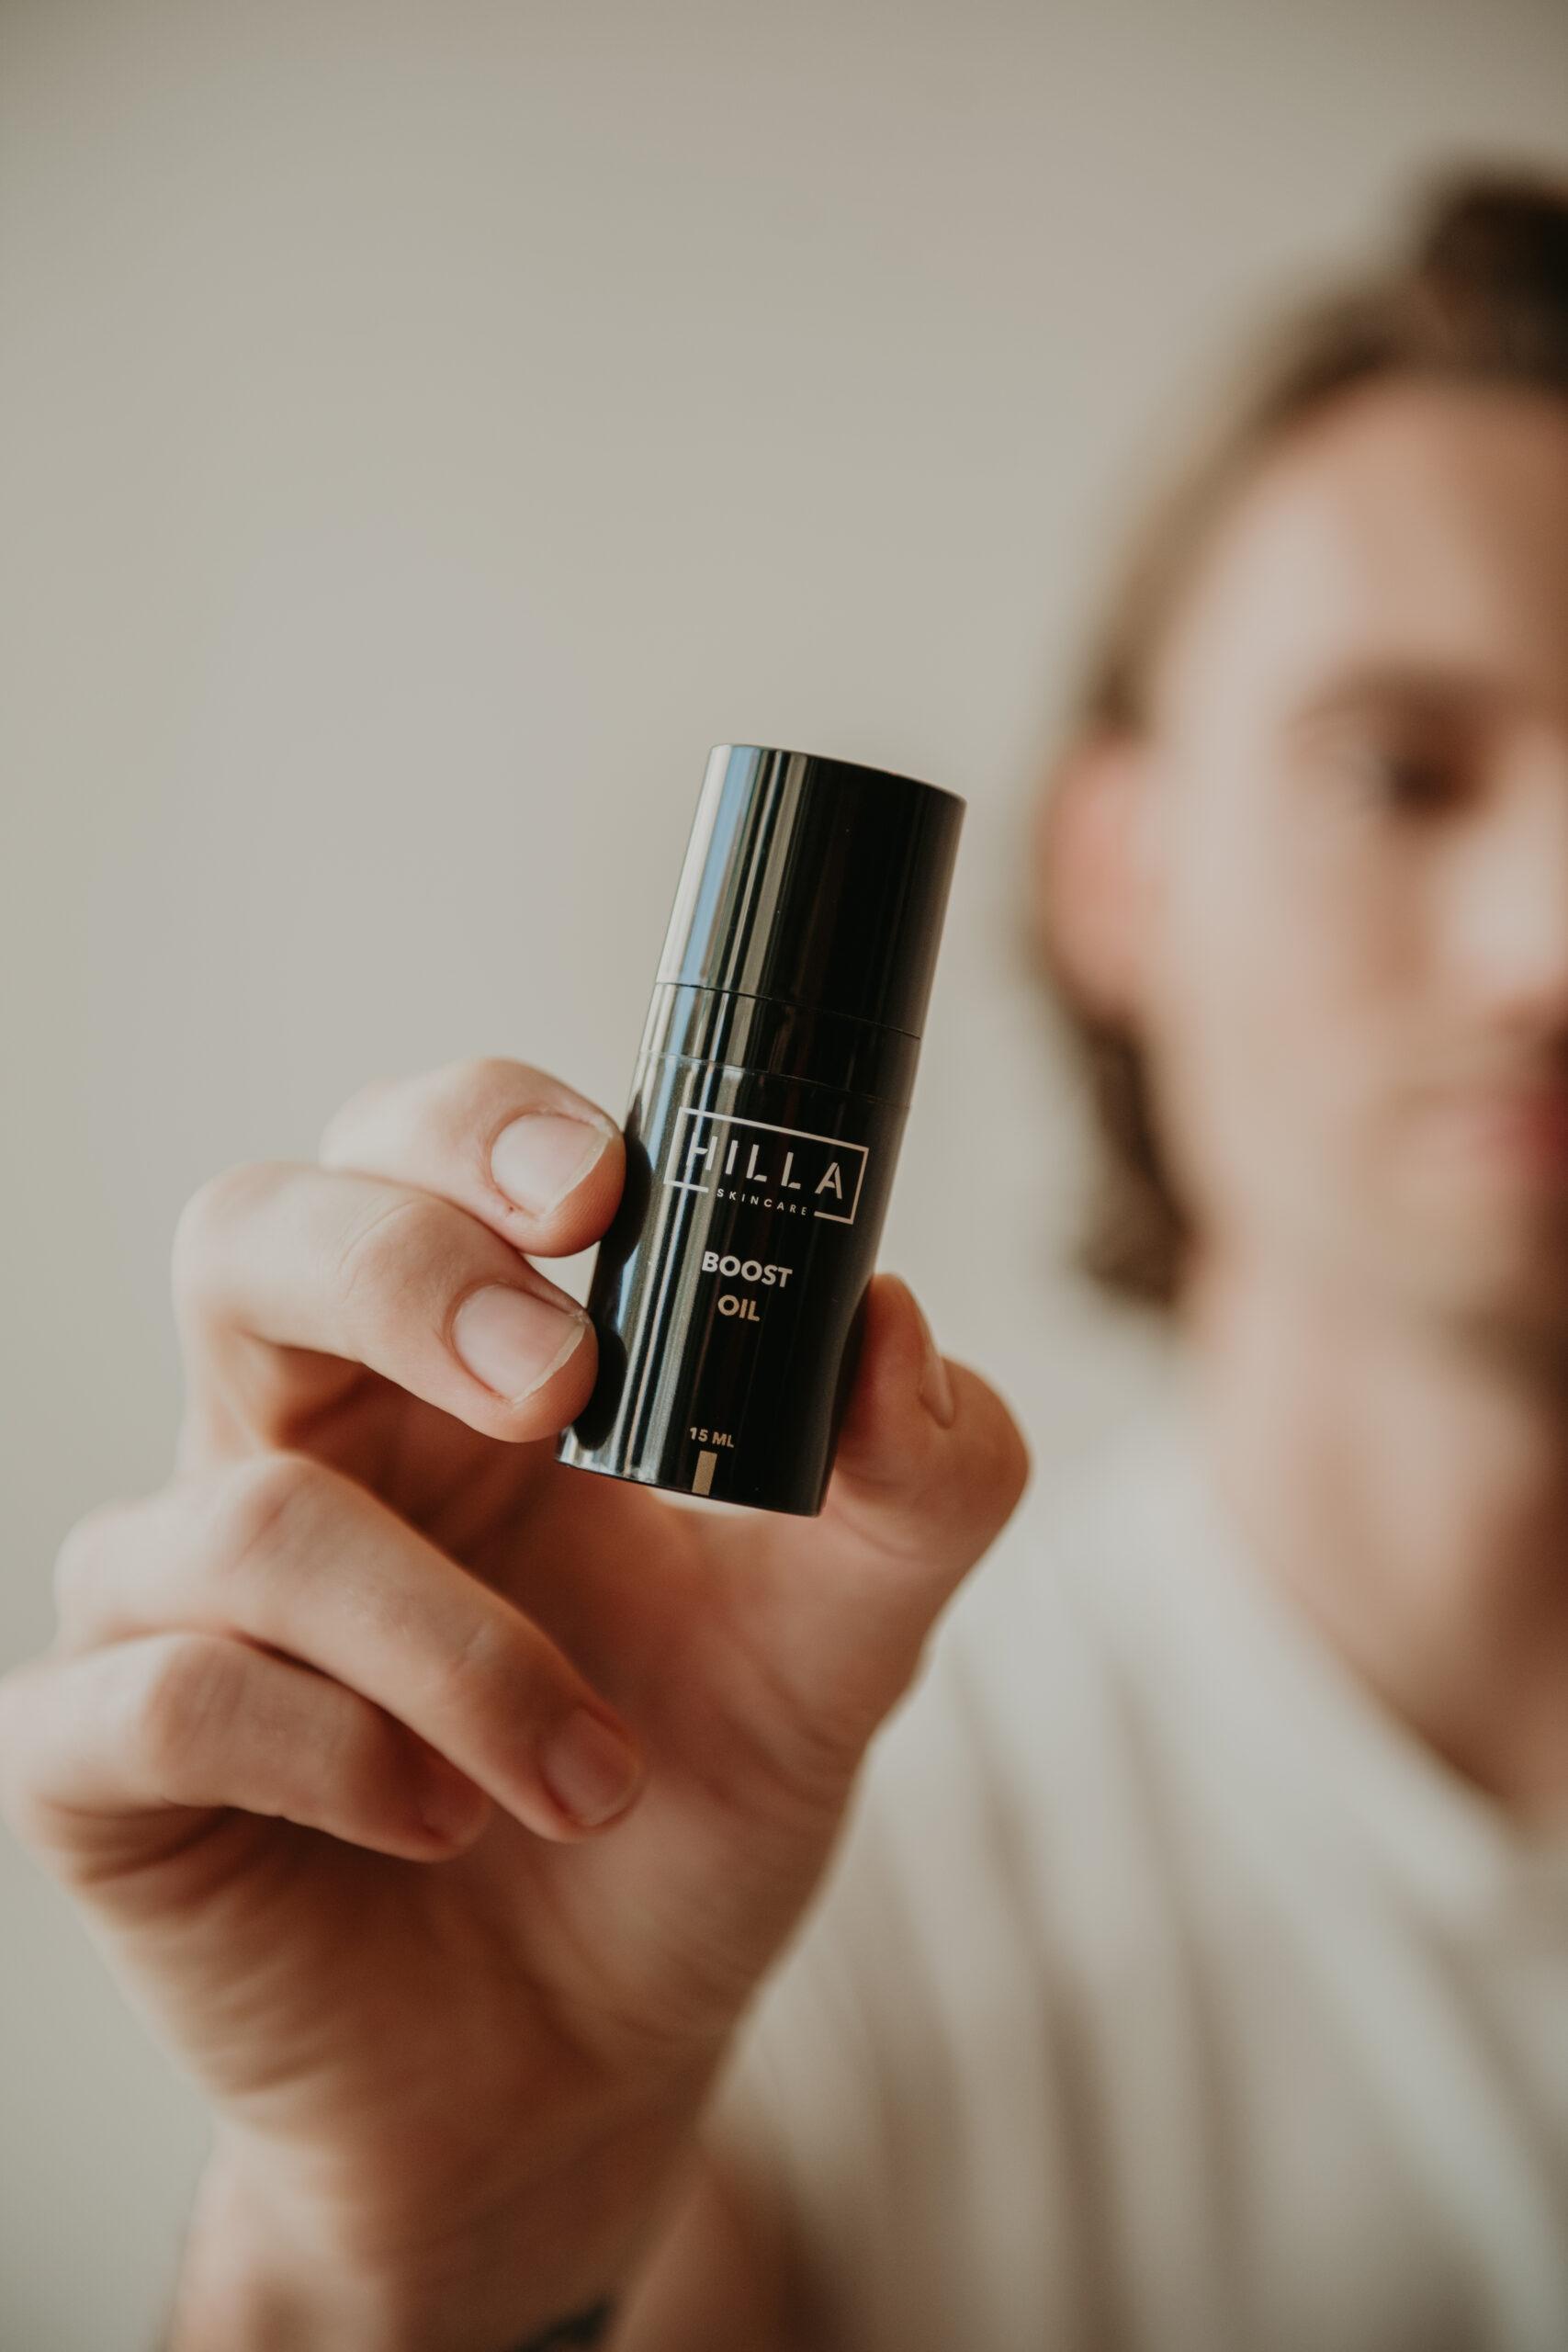 Hilla Skincare - Oil Boost